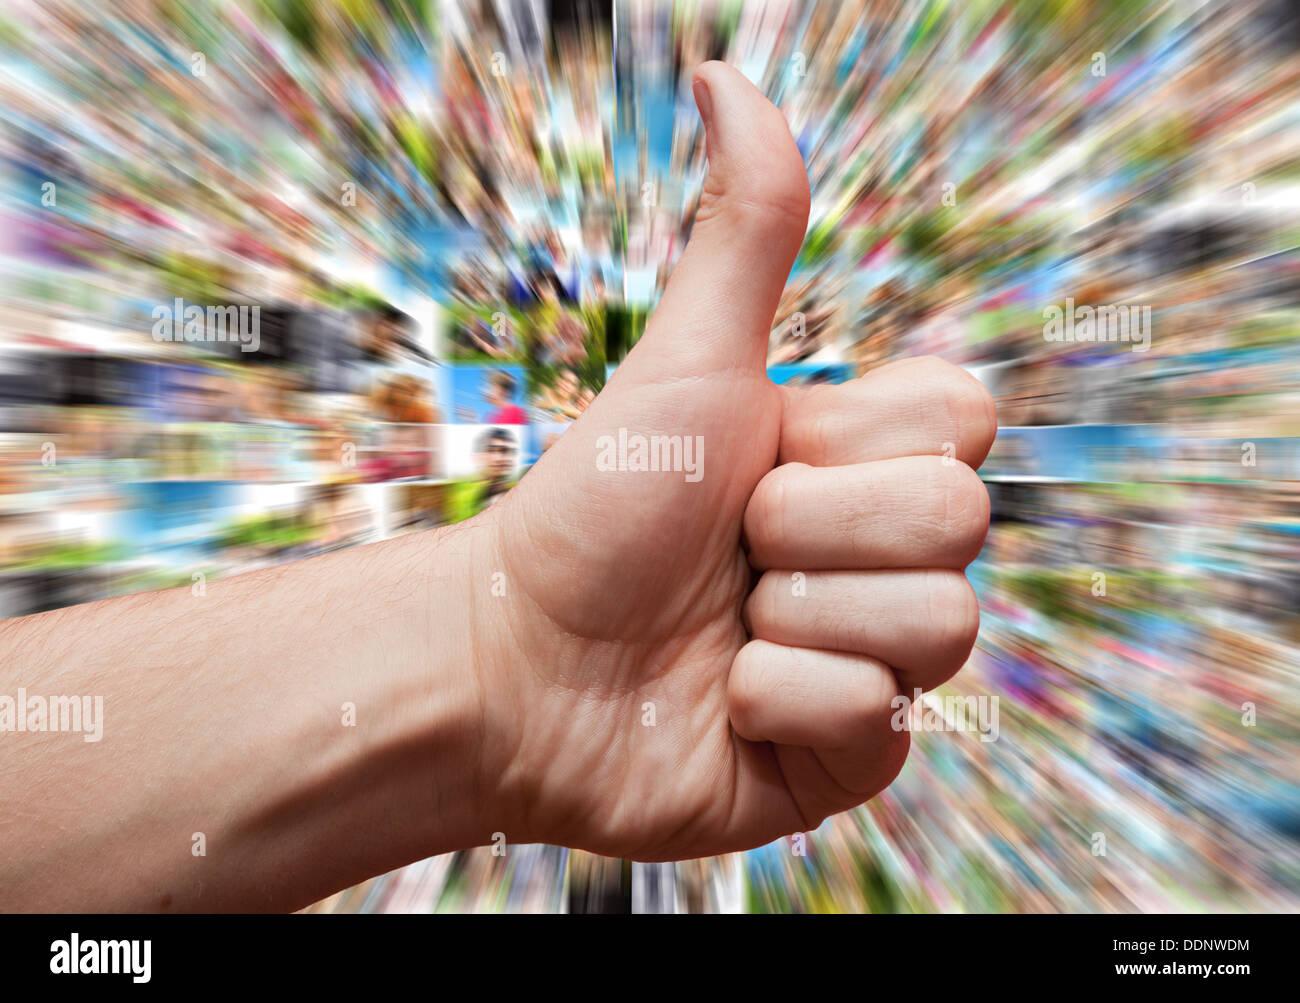 Les médias sociaux comme concept avec de comme ou Thumbs up sign Photo Stock